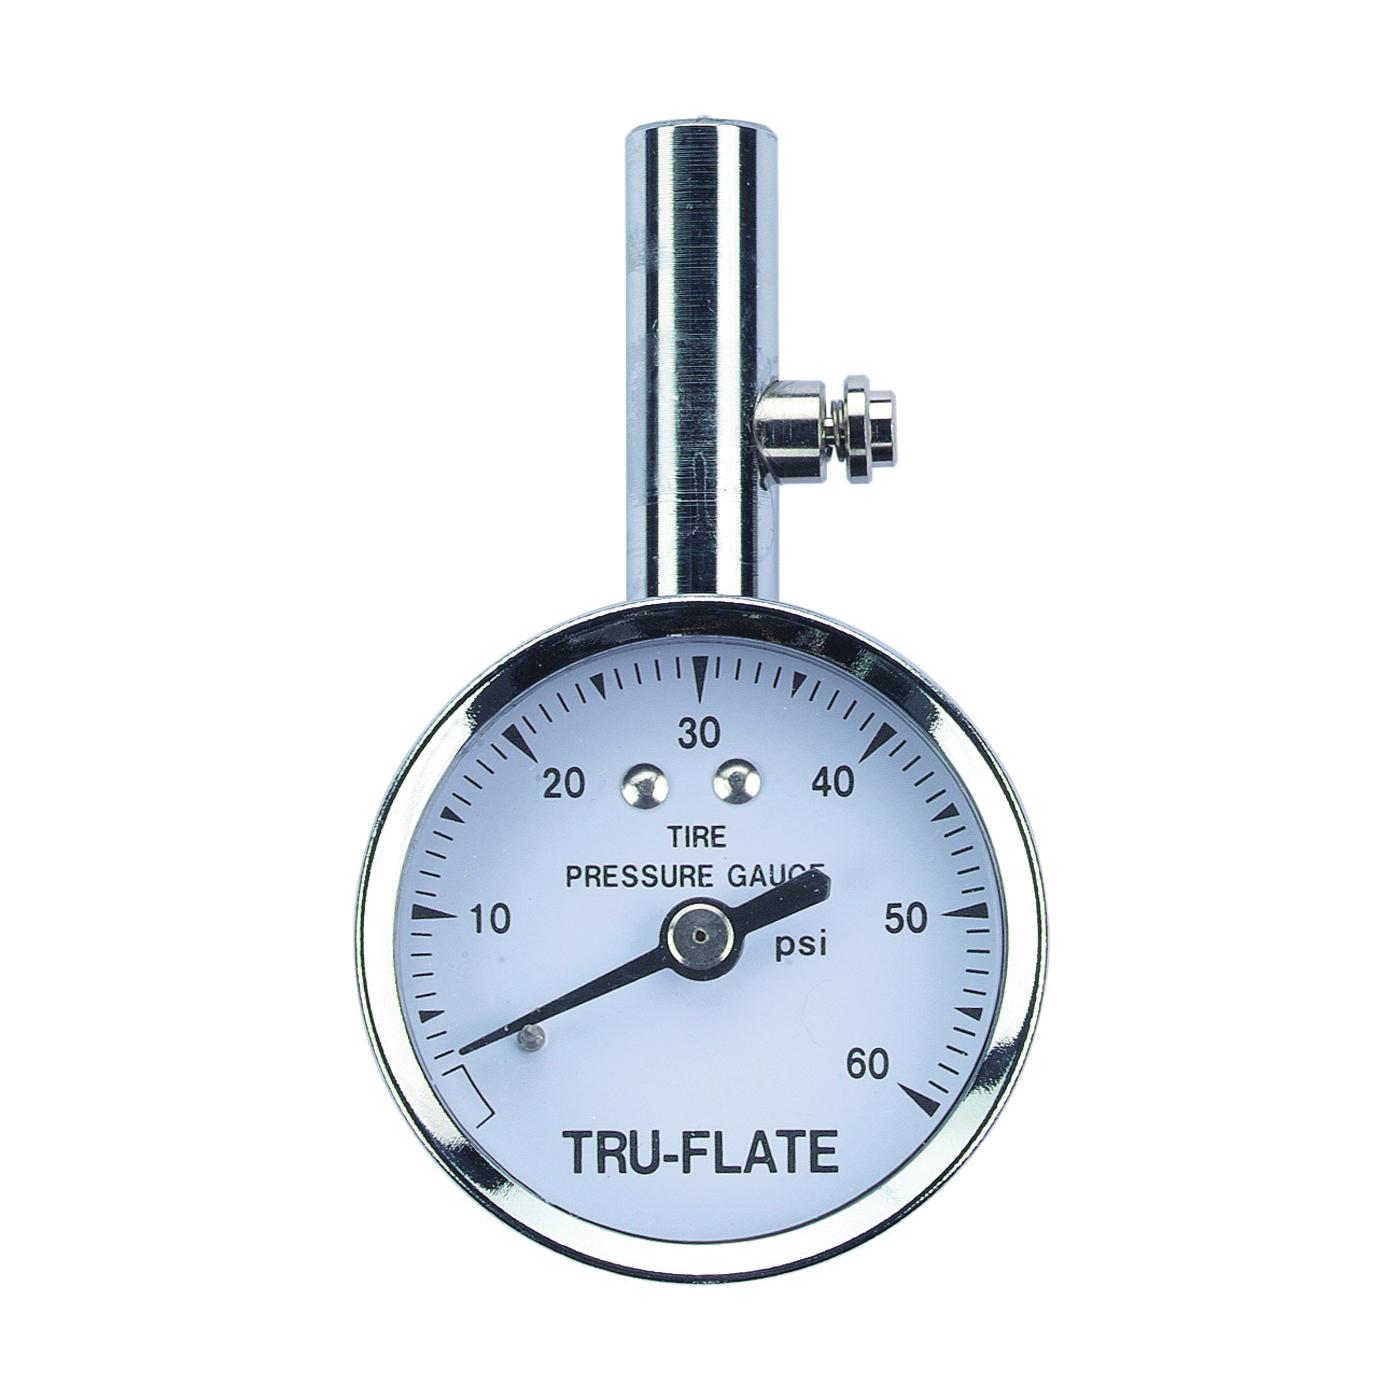 Tru-Flate 17-551